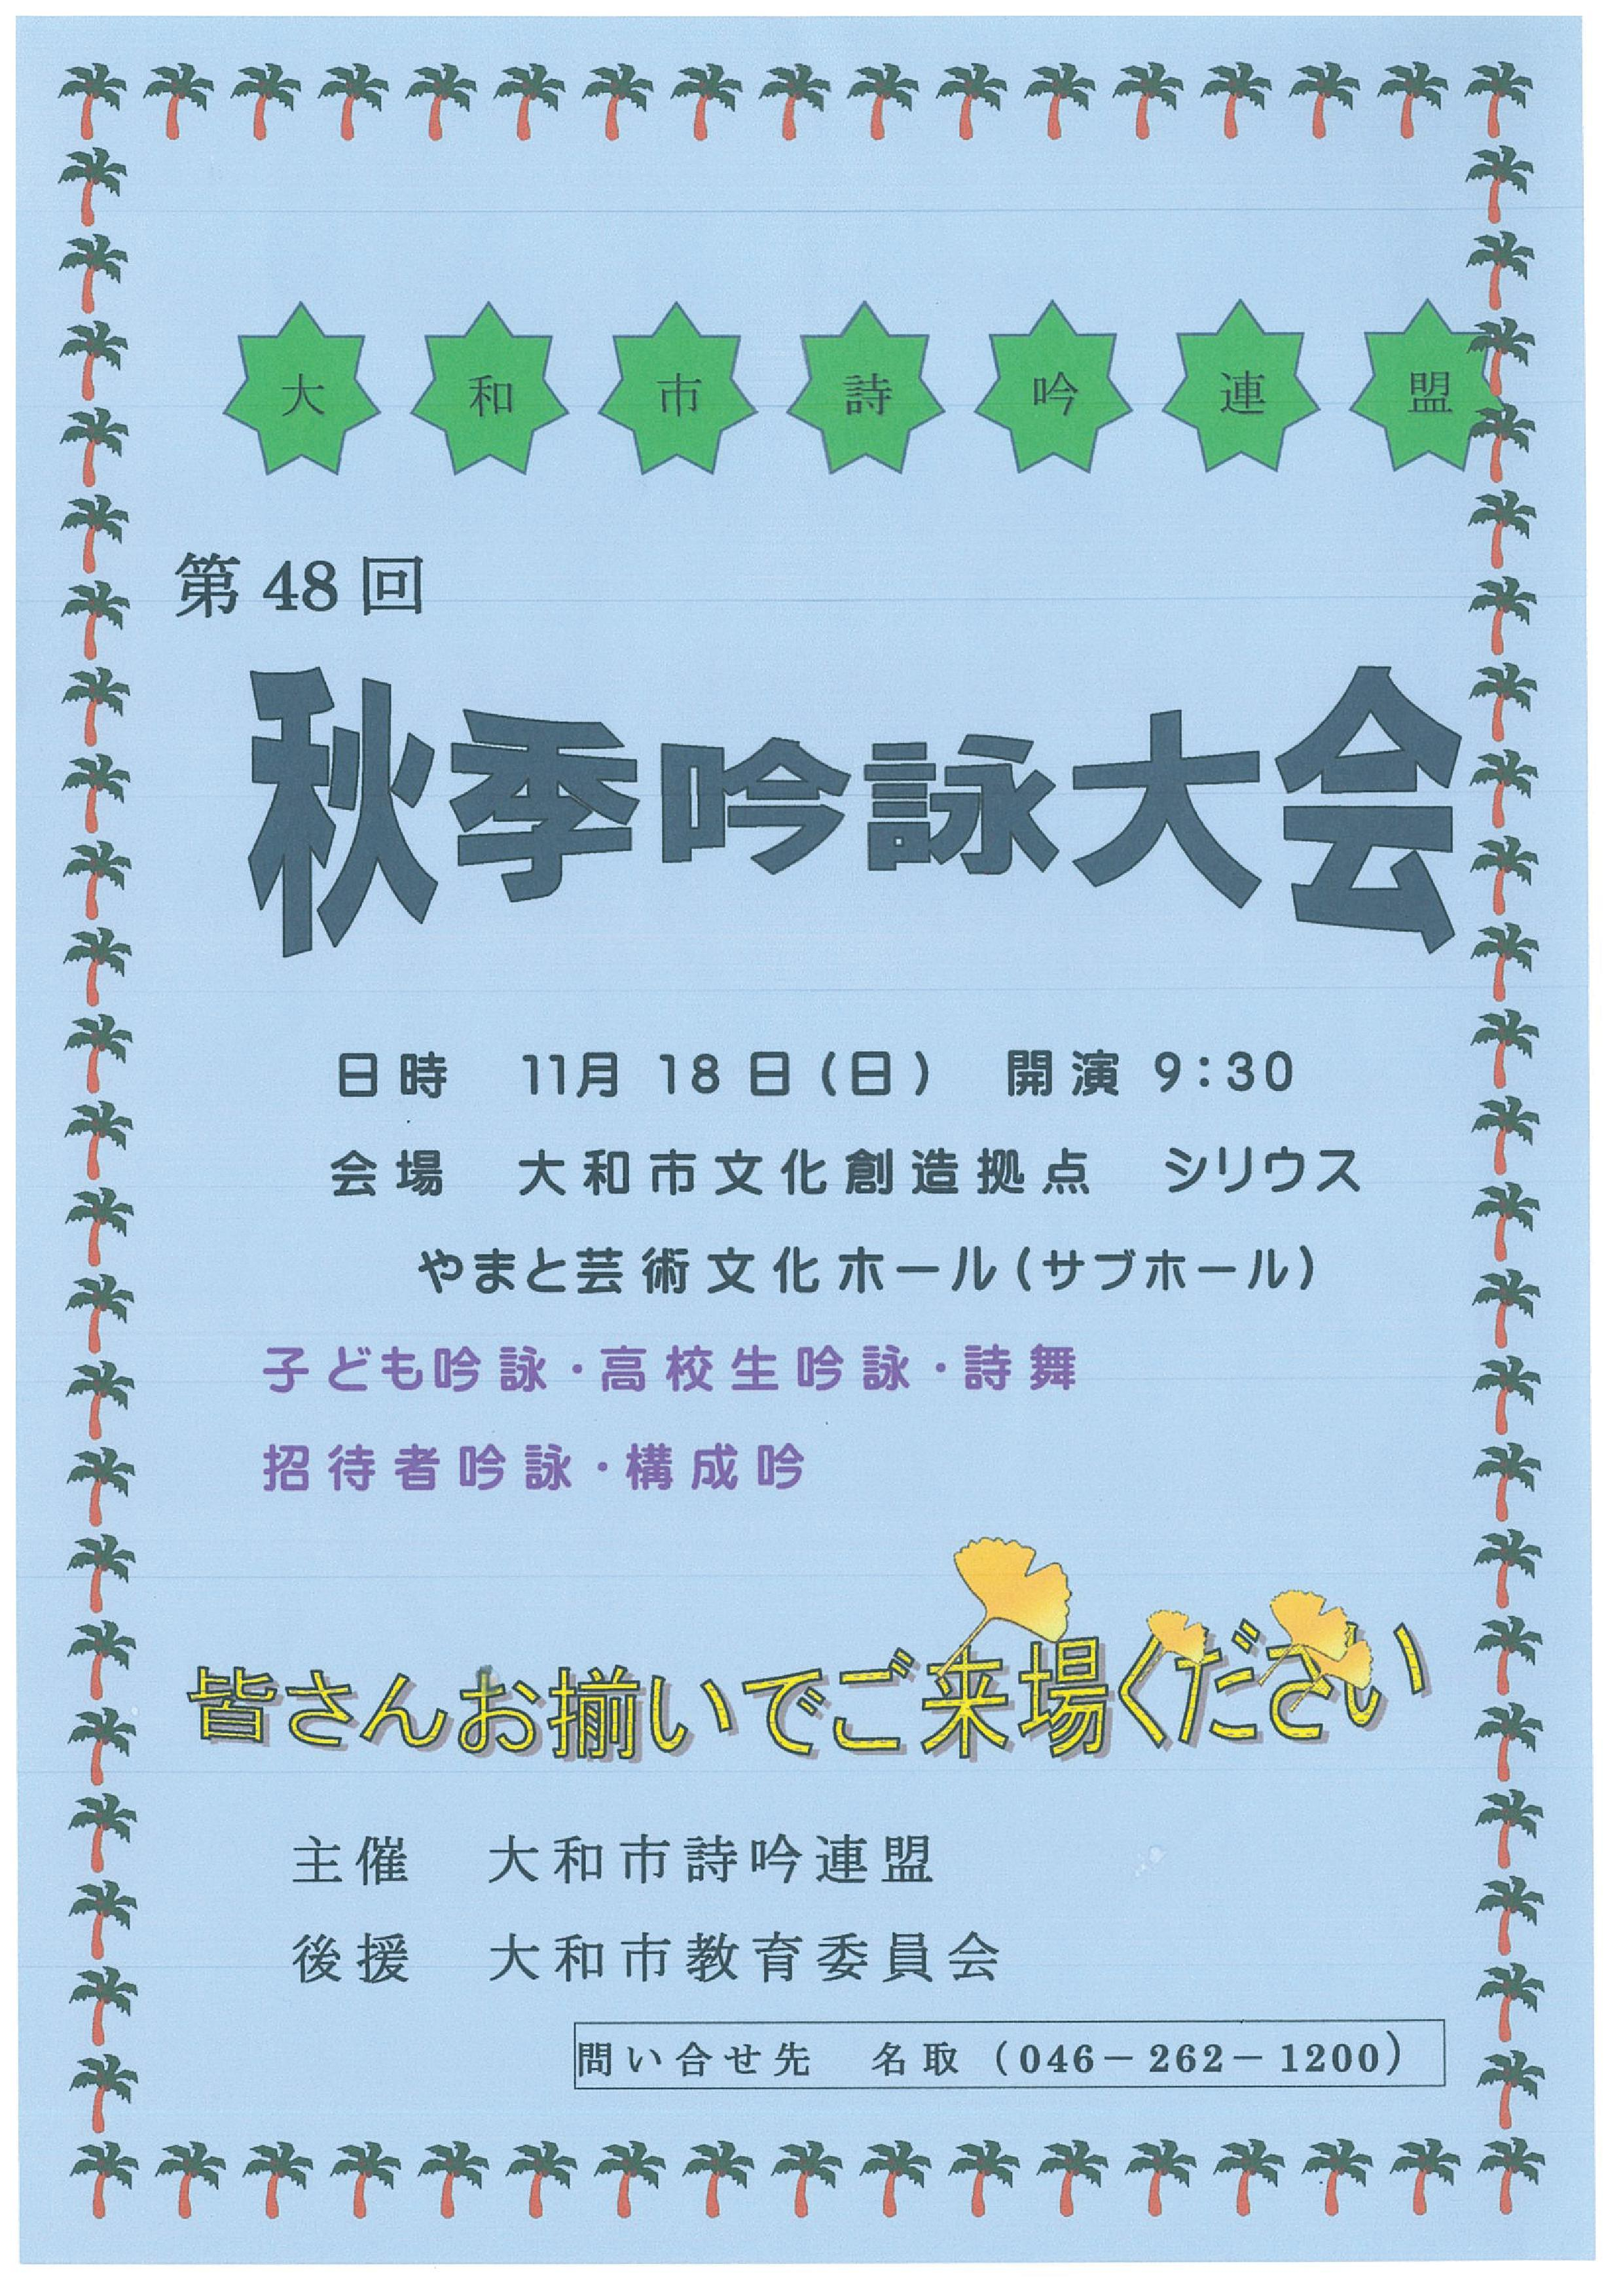 第48回秋季吟詠大会